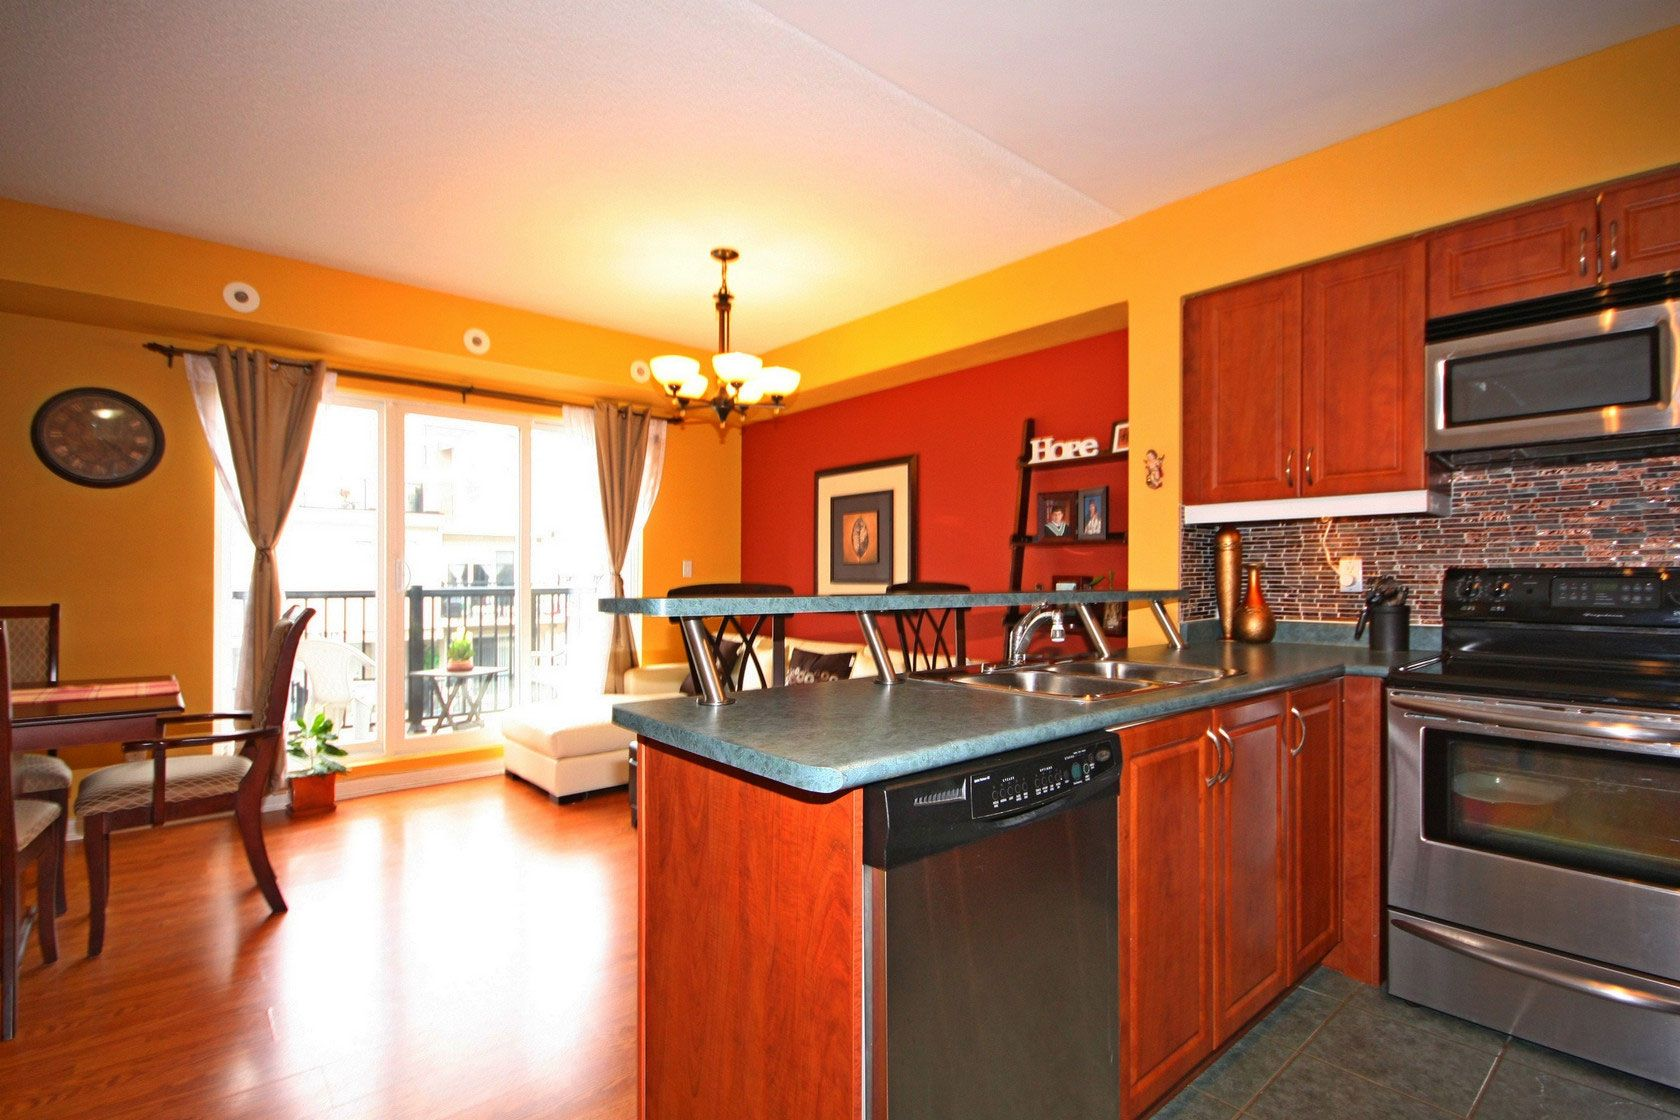 Modern Kitchen with Stainless Steel Appliances, Backsplash